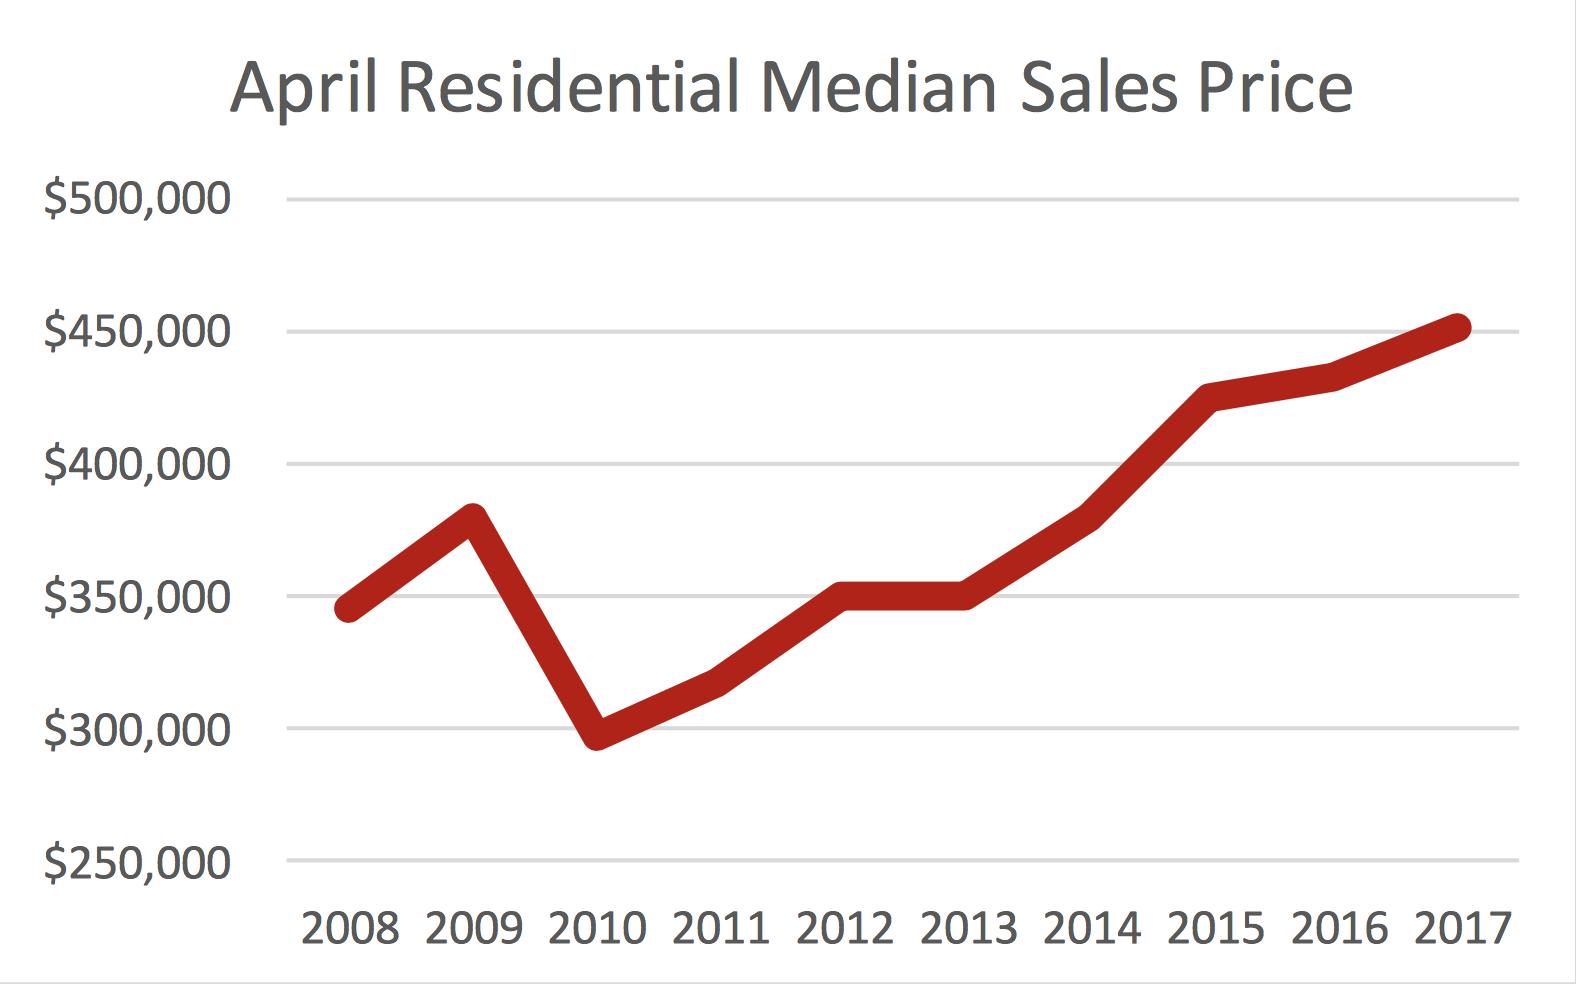 April Historic Residential Median Price